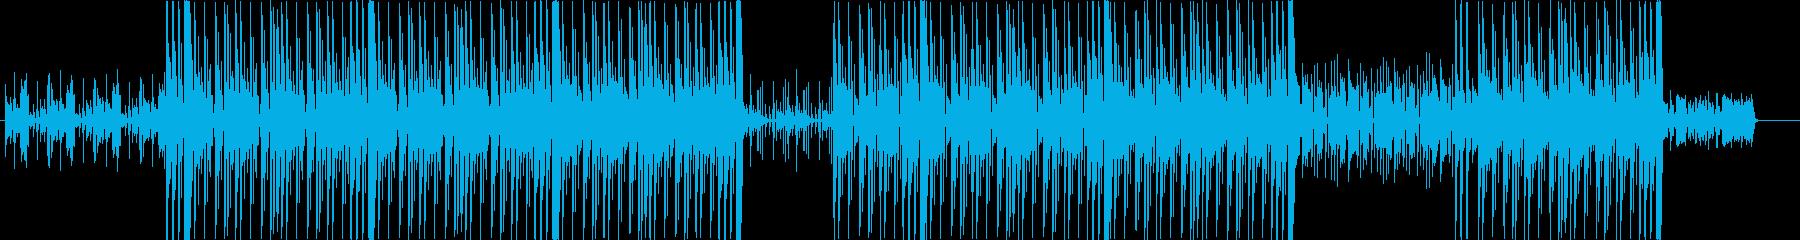 洋楽、エモR&B、トラップソウル♪の再生済みの波形